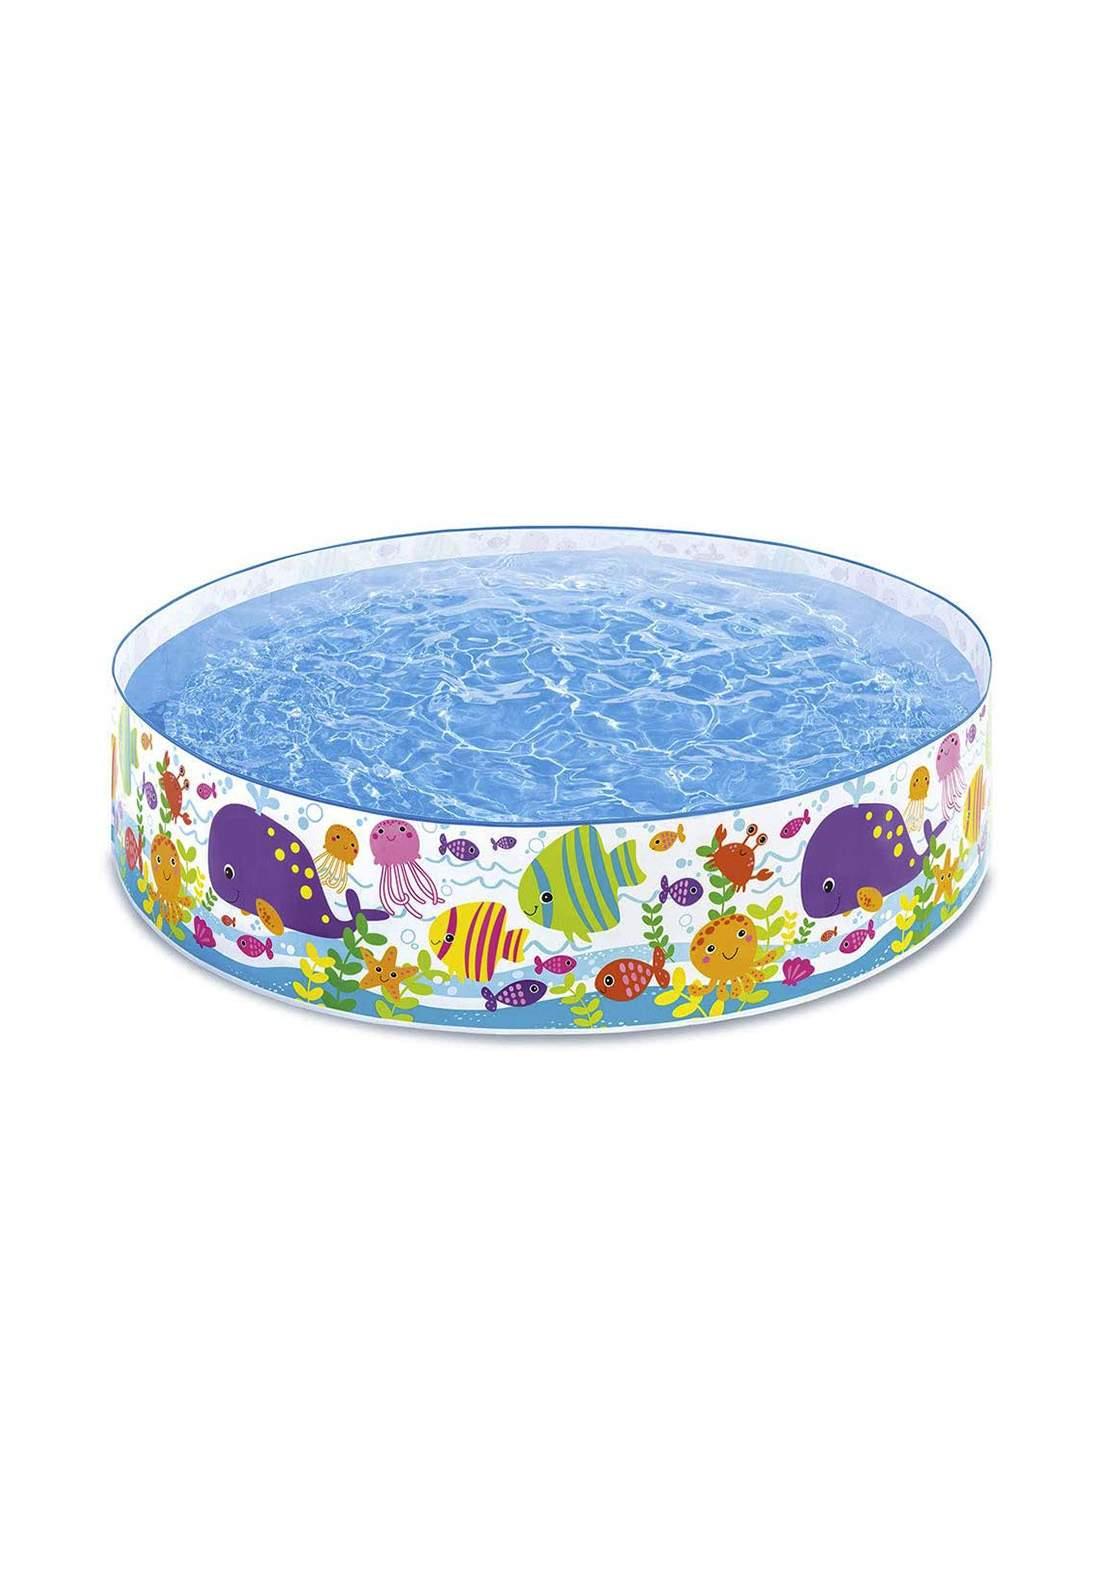 Intex 56452 Ocean Play Snapset Pool مسبح